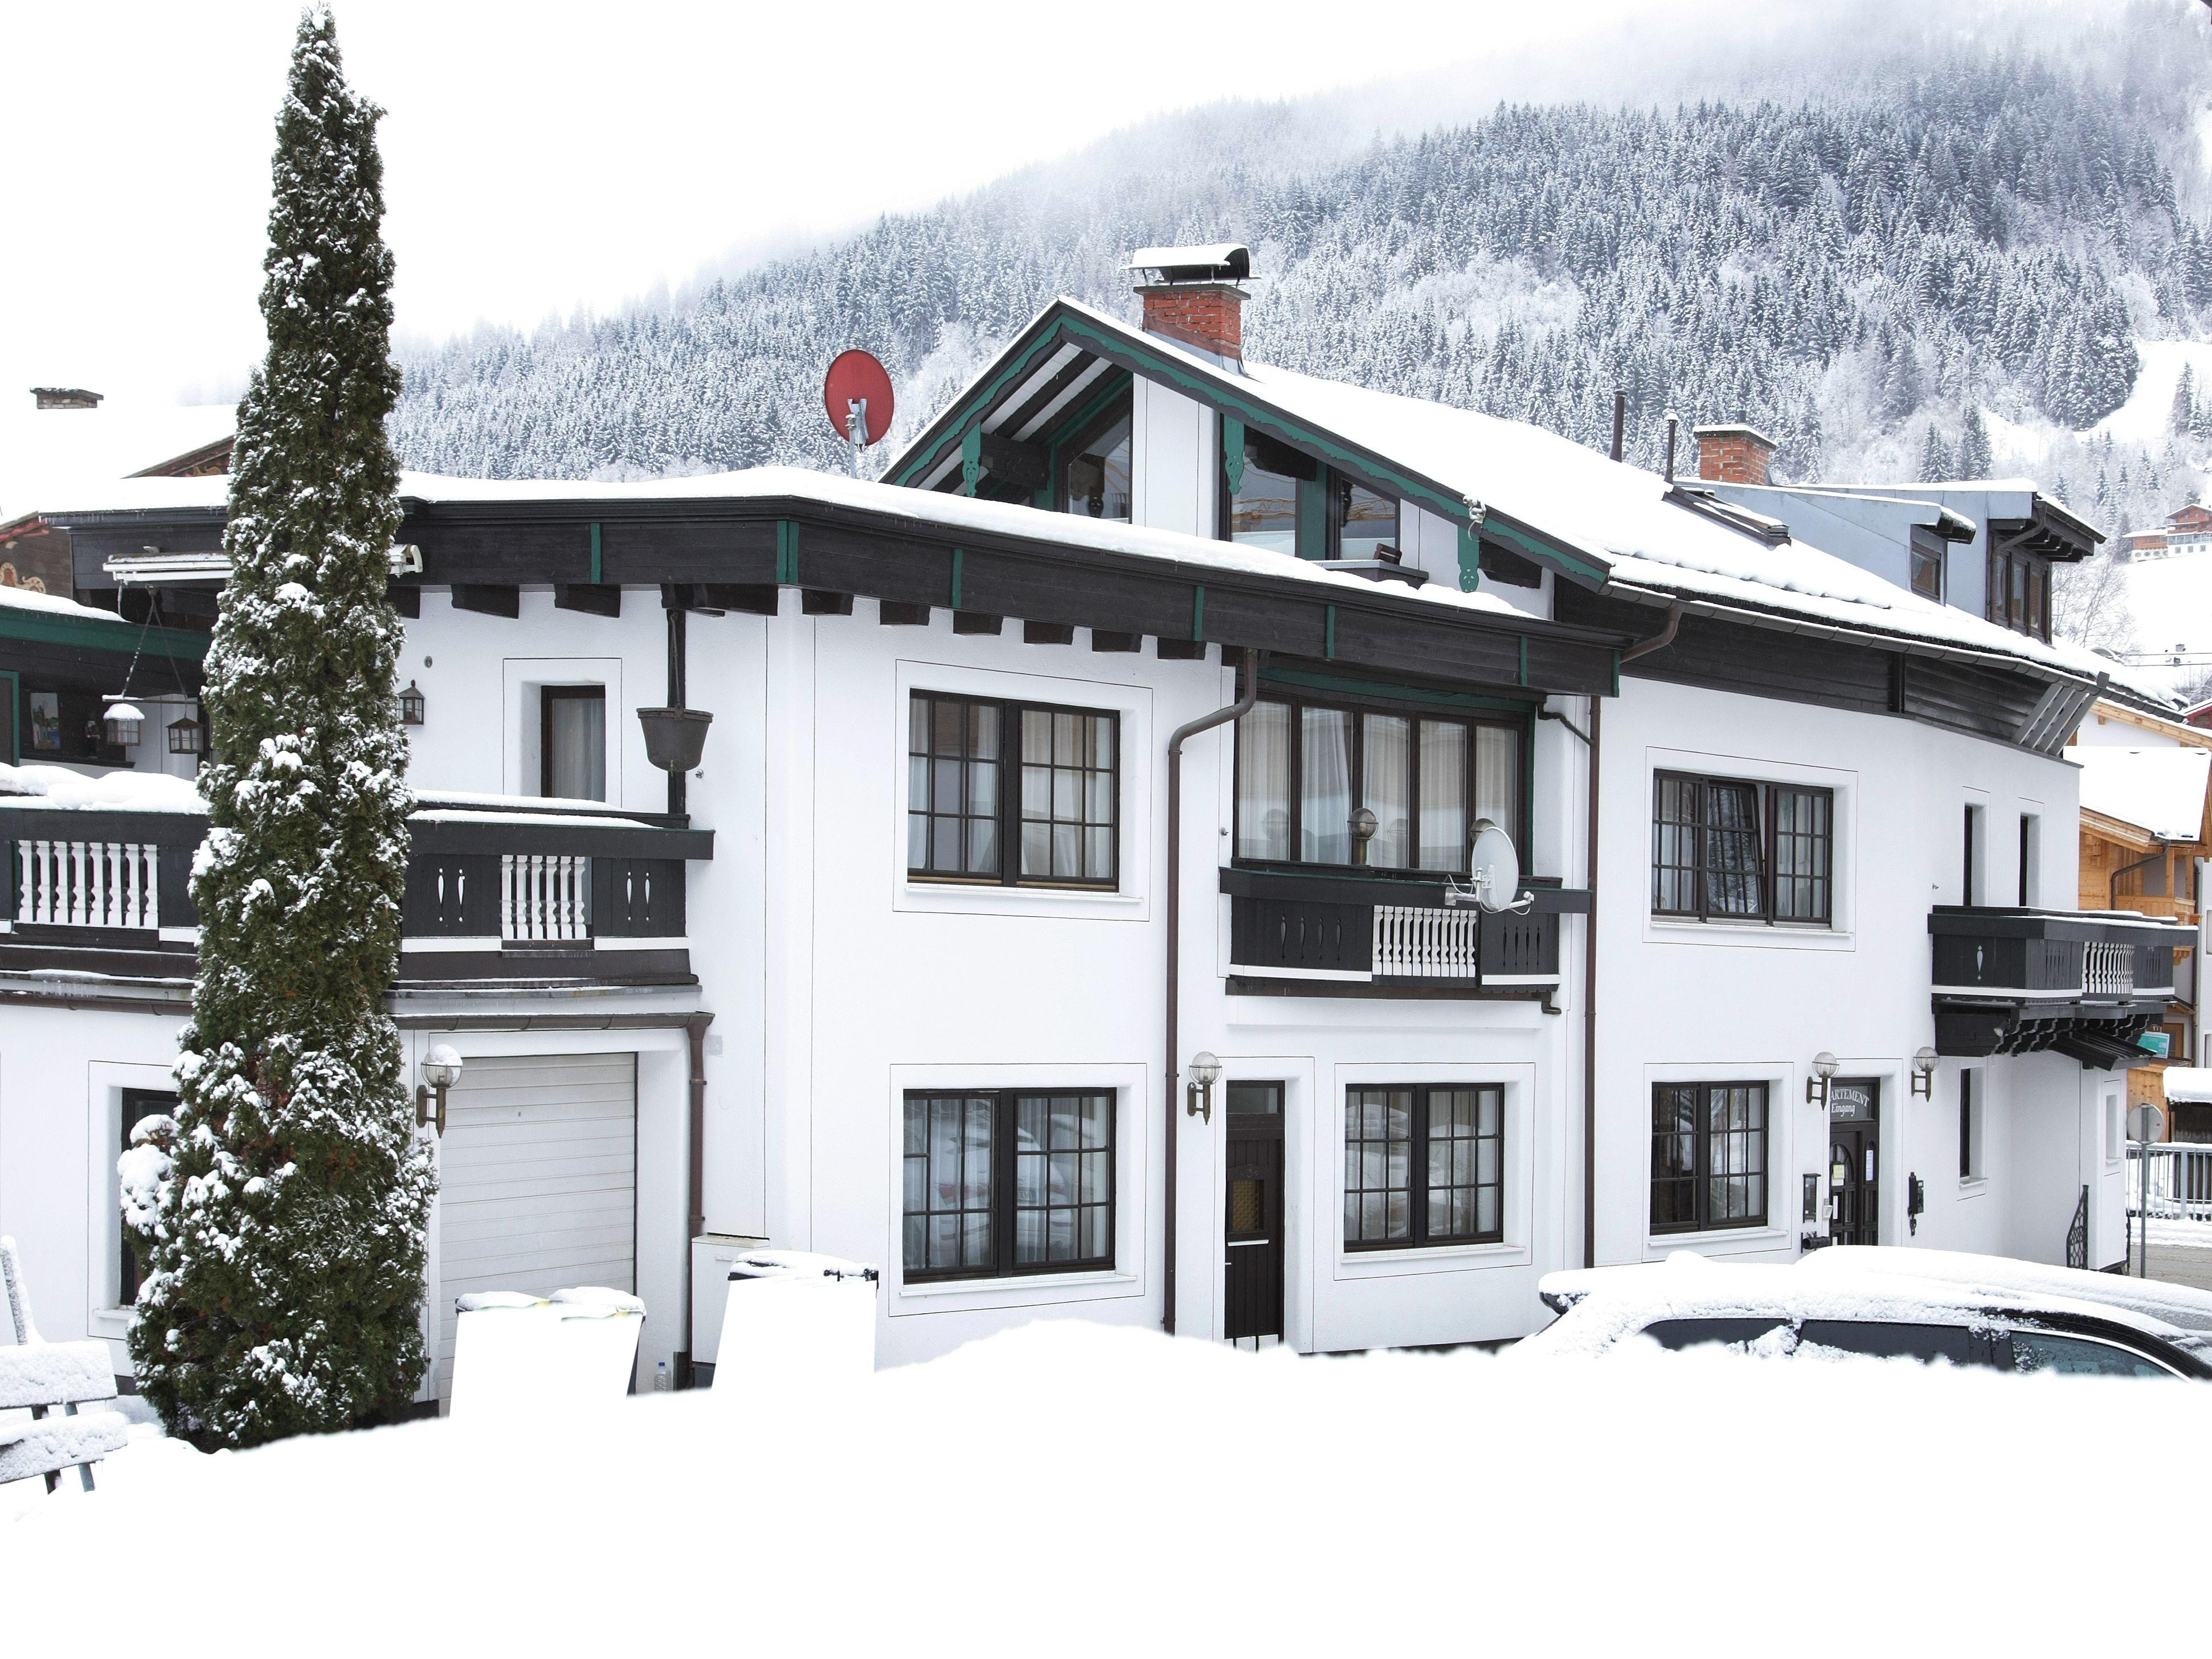 Appartement Schönpflug Gehele huis - 36-44 personen